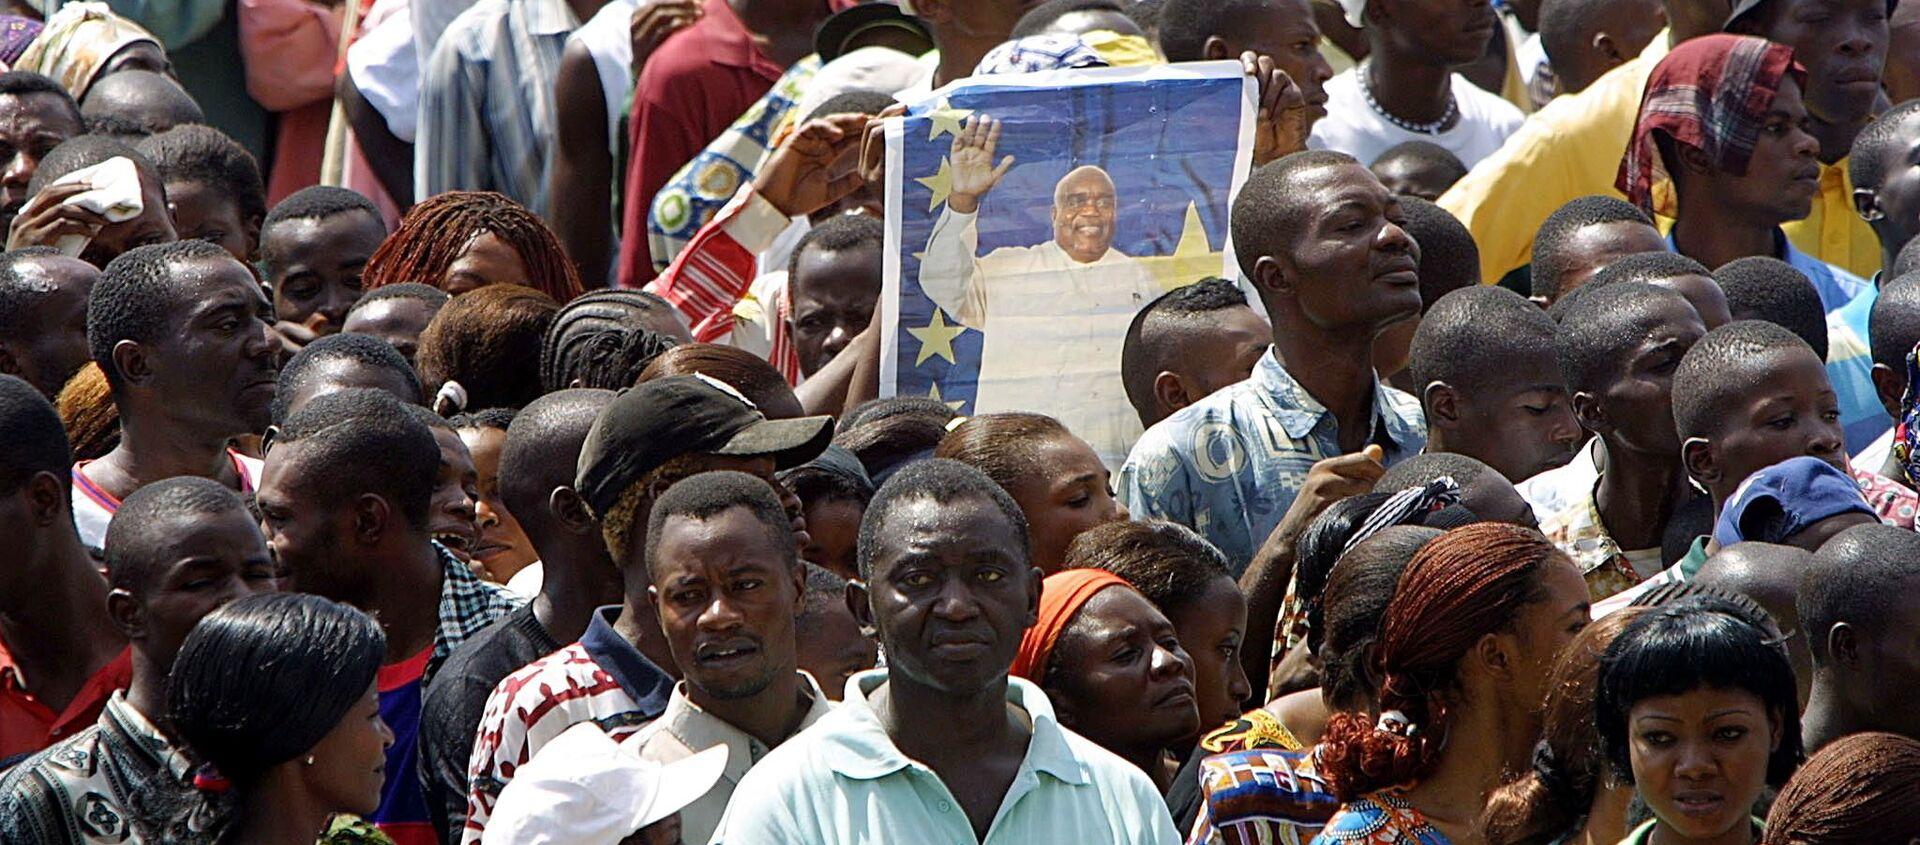 La population rend un dernier hommage à Laurent-Désiré Kabila, le 22 janvier 2001, Kinshasa - Sputnik France, 1920, 21.01.2021